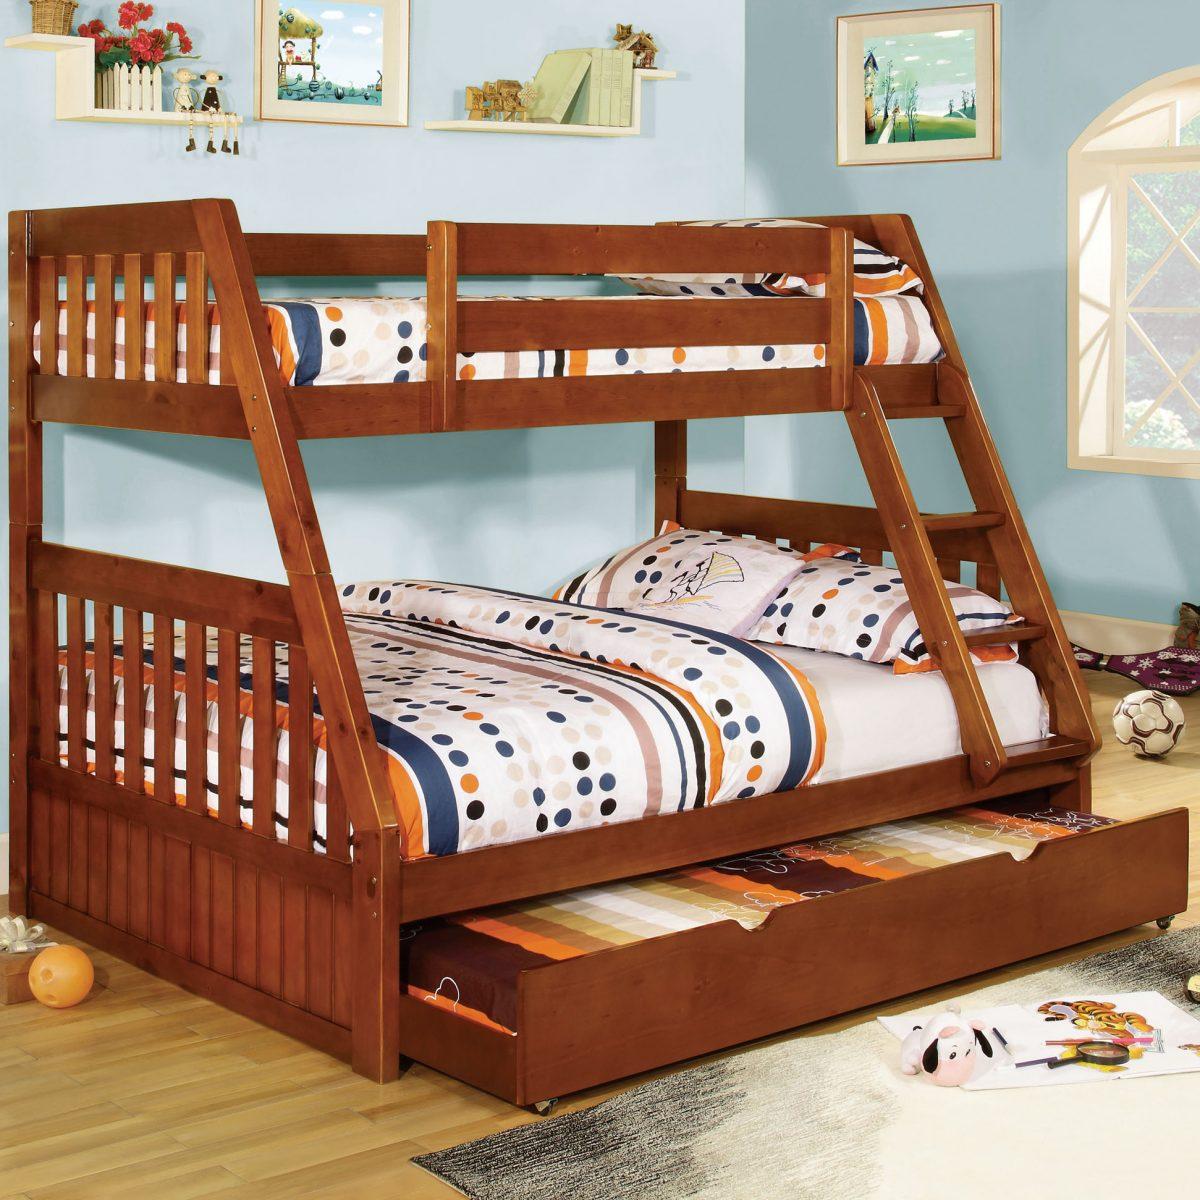 Tiện nghi hơn với mẫu giường 3 tầng gỗ cho bé